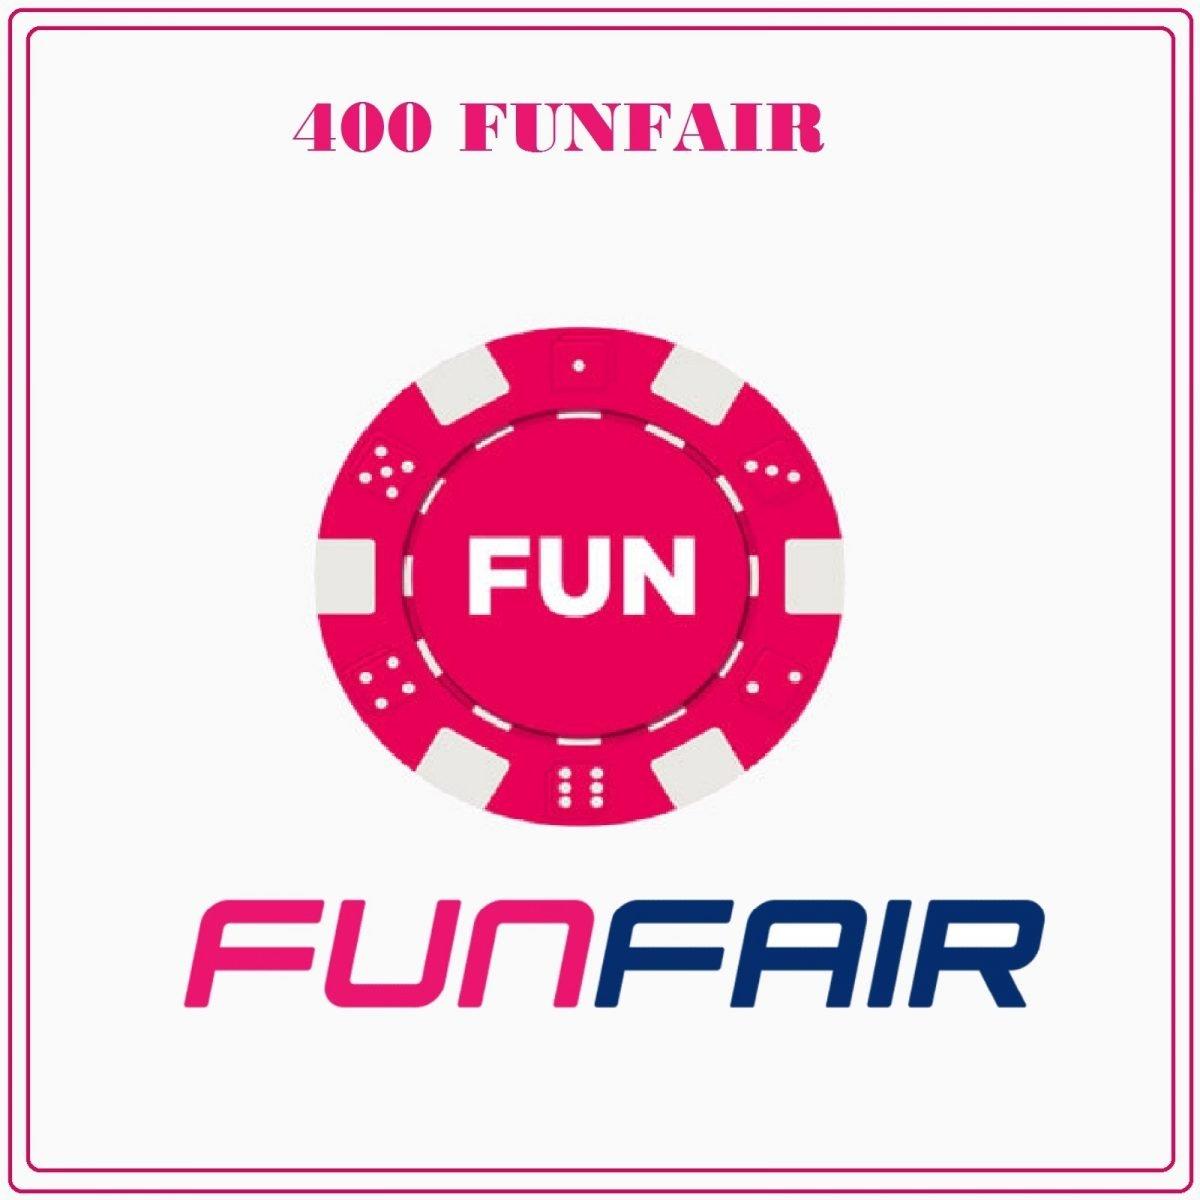 400 FUNFAIR Bets